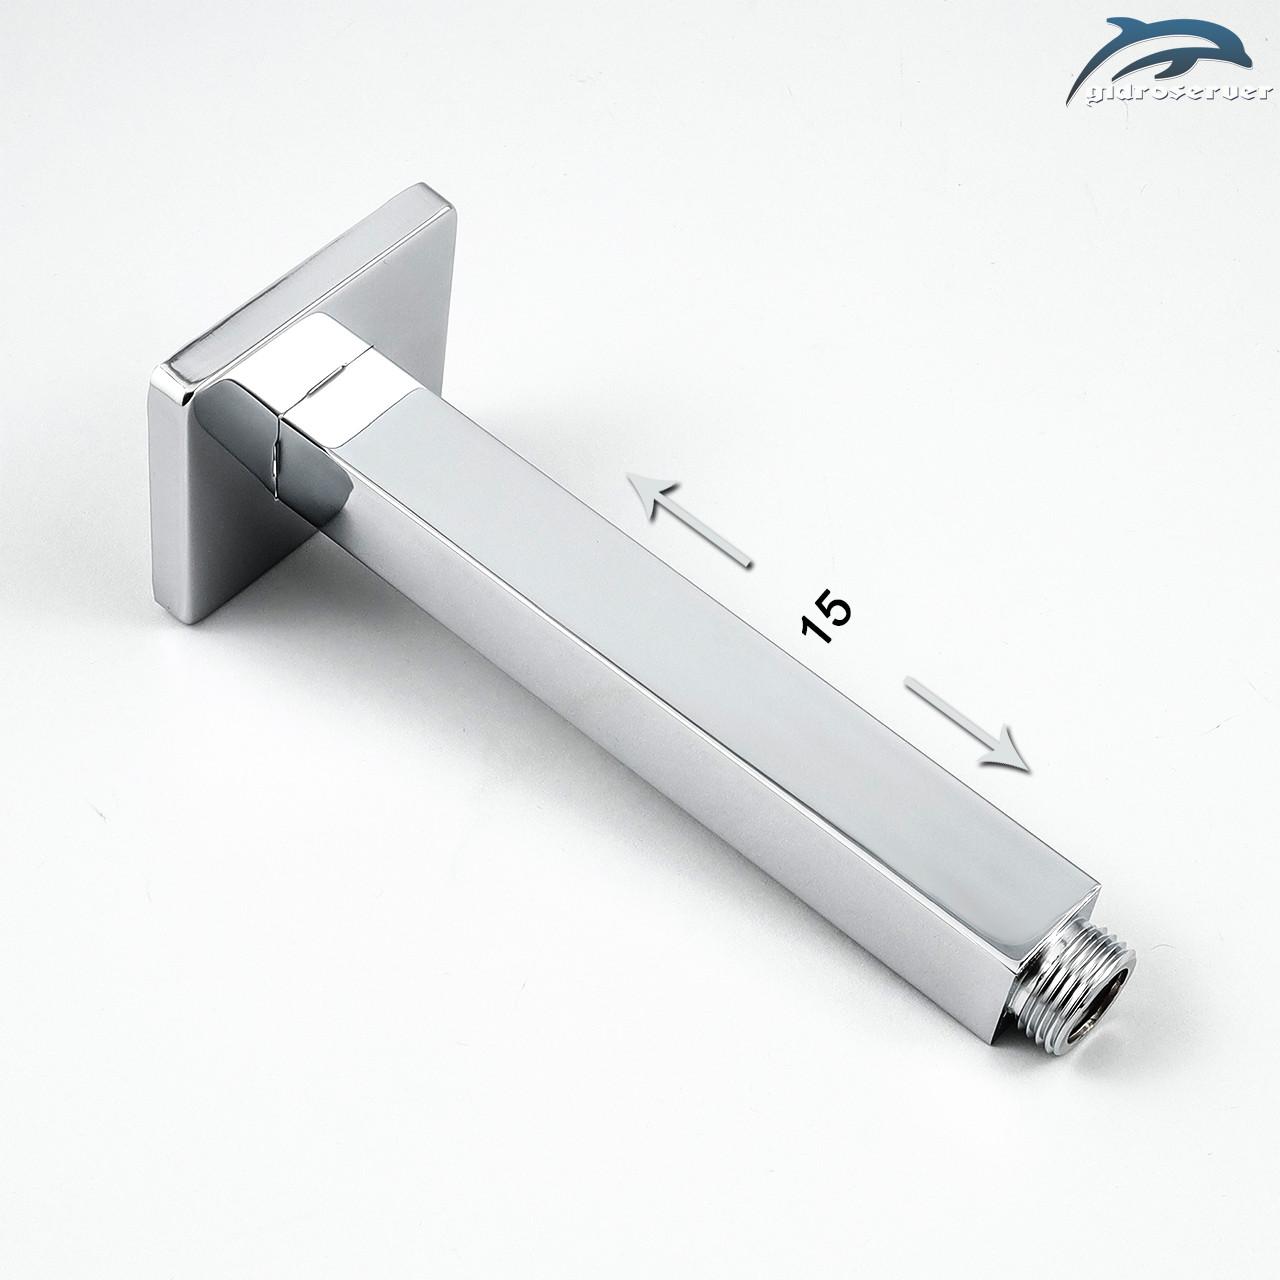 Держатель для лейки верхнего душа DL-03.15 латунный.